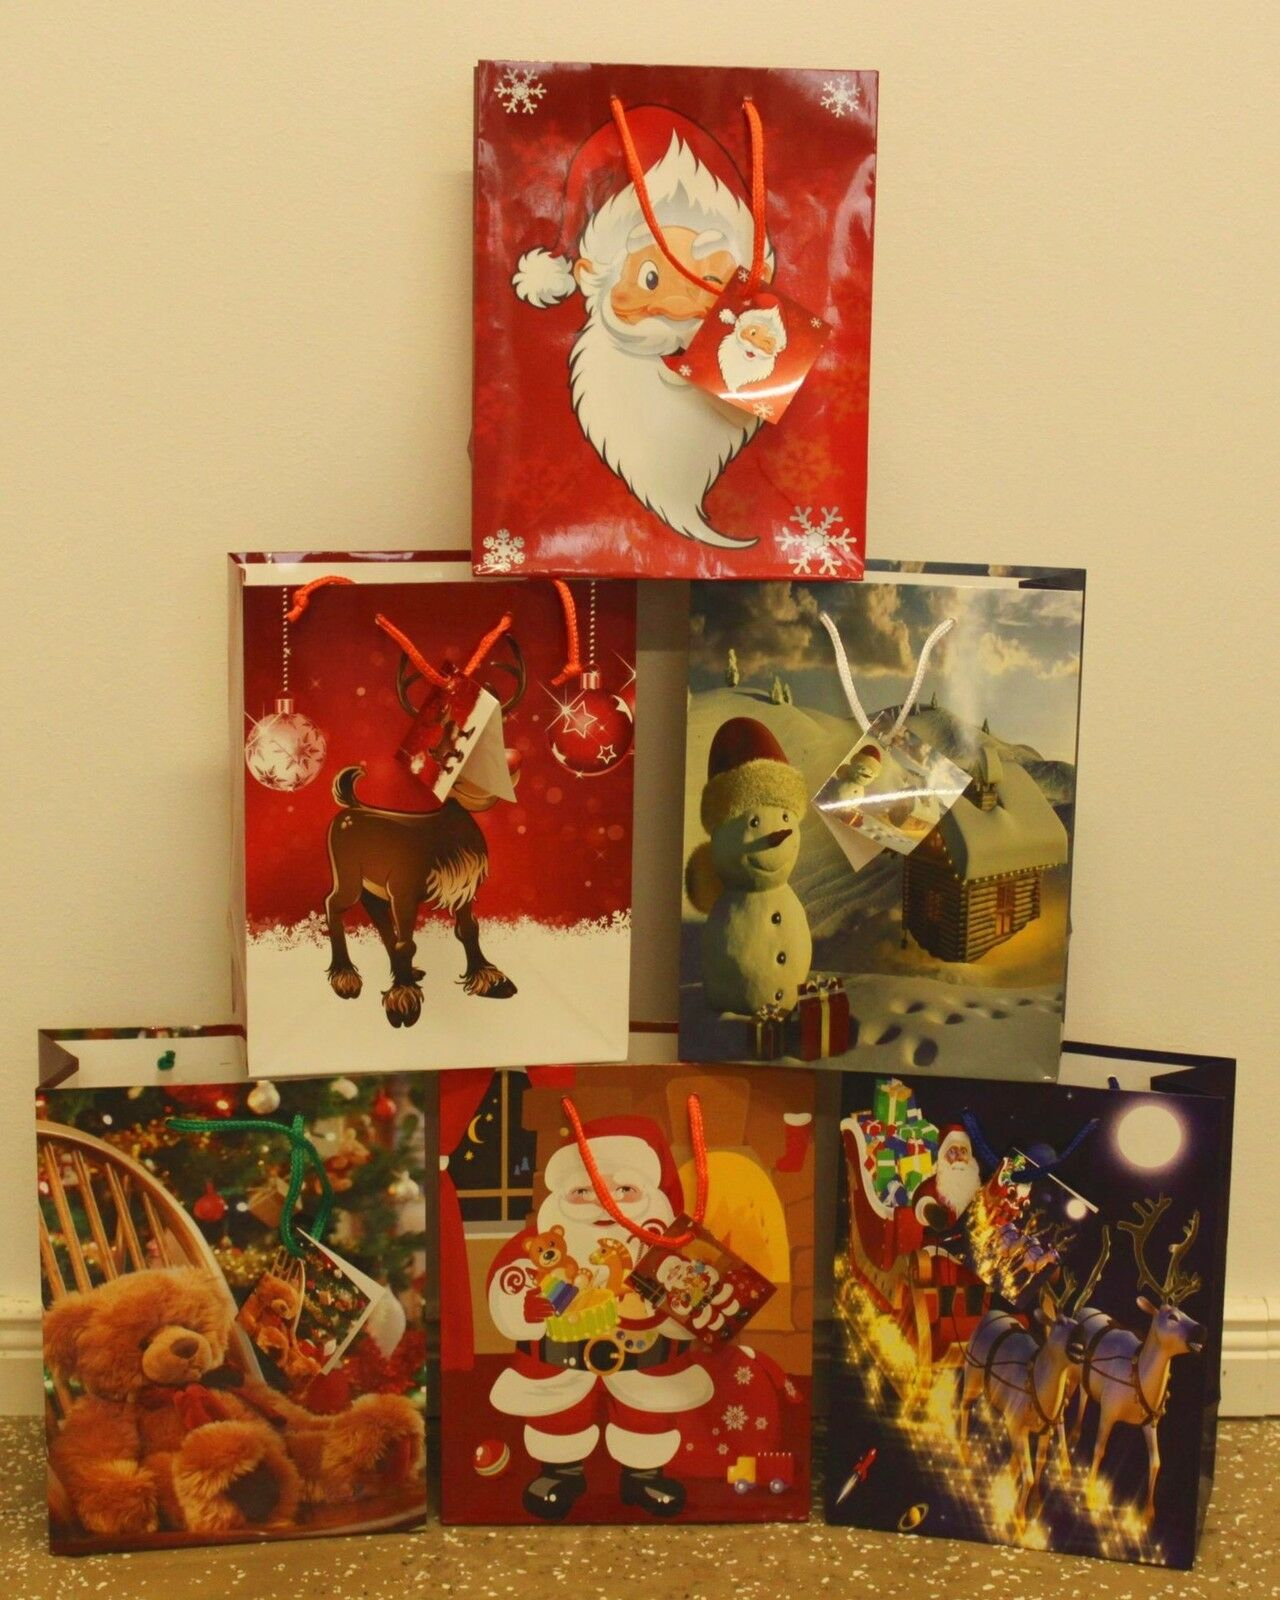 Geschenktüten 96 Stk Medium Weihnachtstüten Weihnachtsbeutel Weihnachtsbeutel Weihnachtsbeutel Geschenktaschen 748 | Stabile Qualität  2d9433